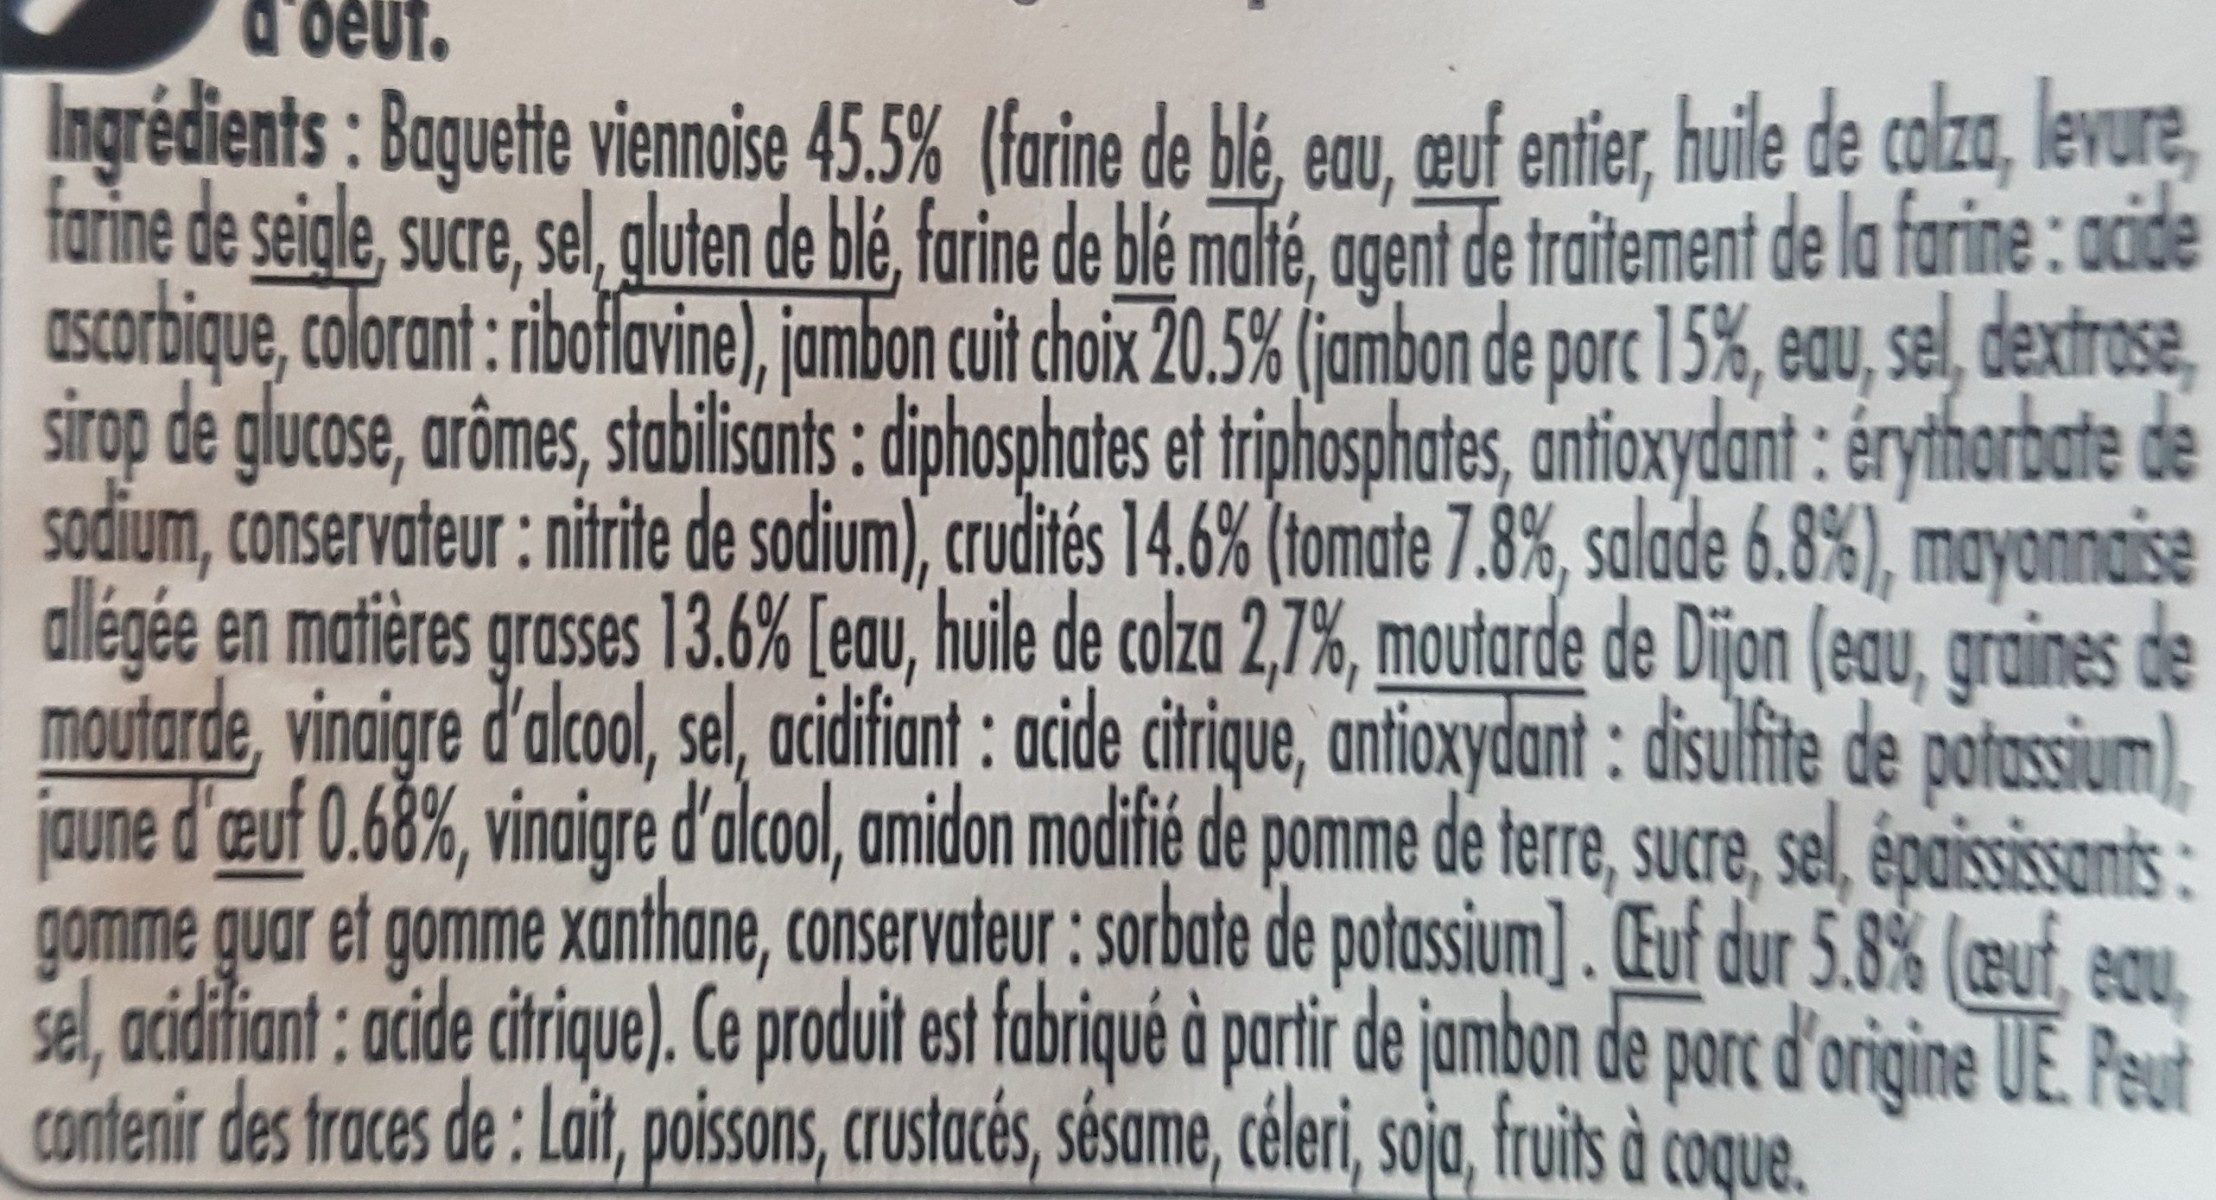 Jambon crudités oeuf Baguette viennoise - Ingrédients - fr